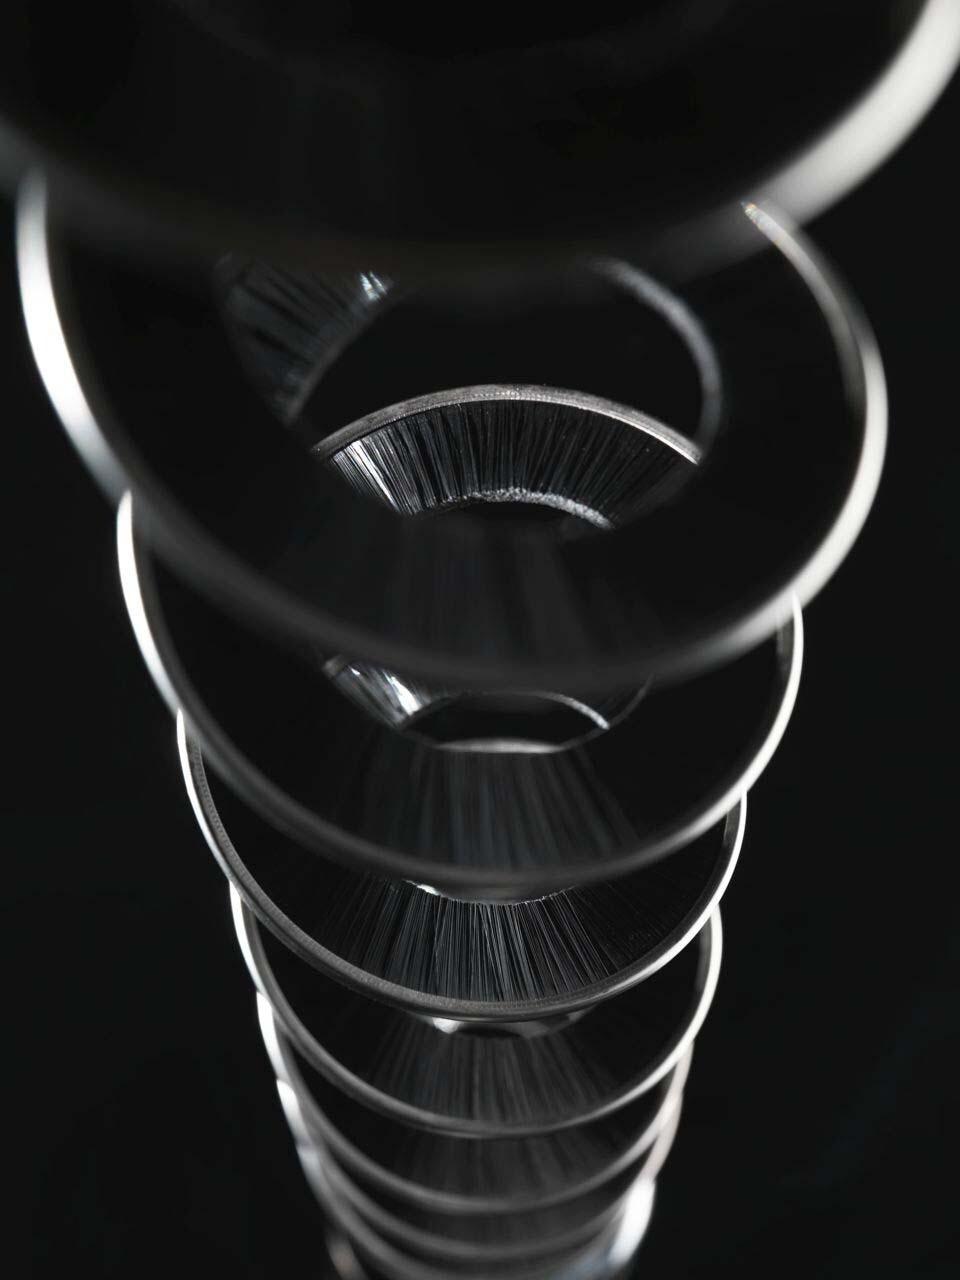 Kabelspirale Diseno design Art